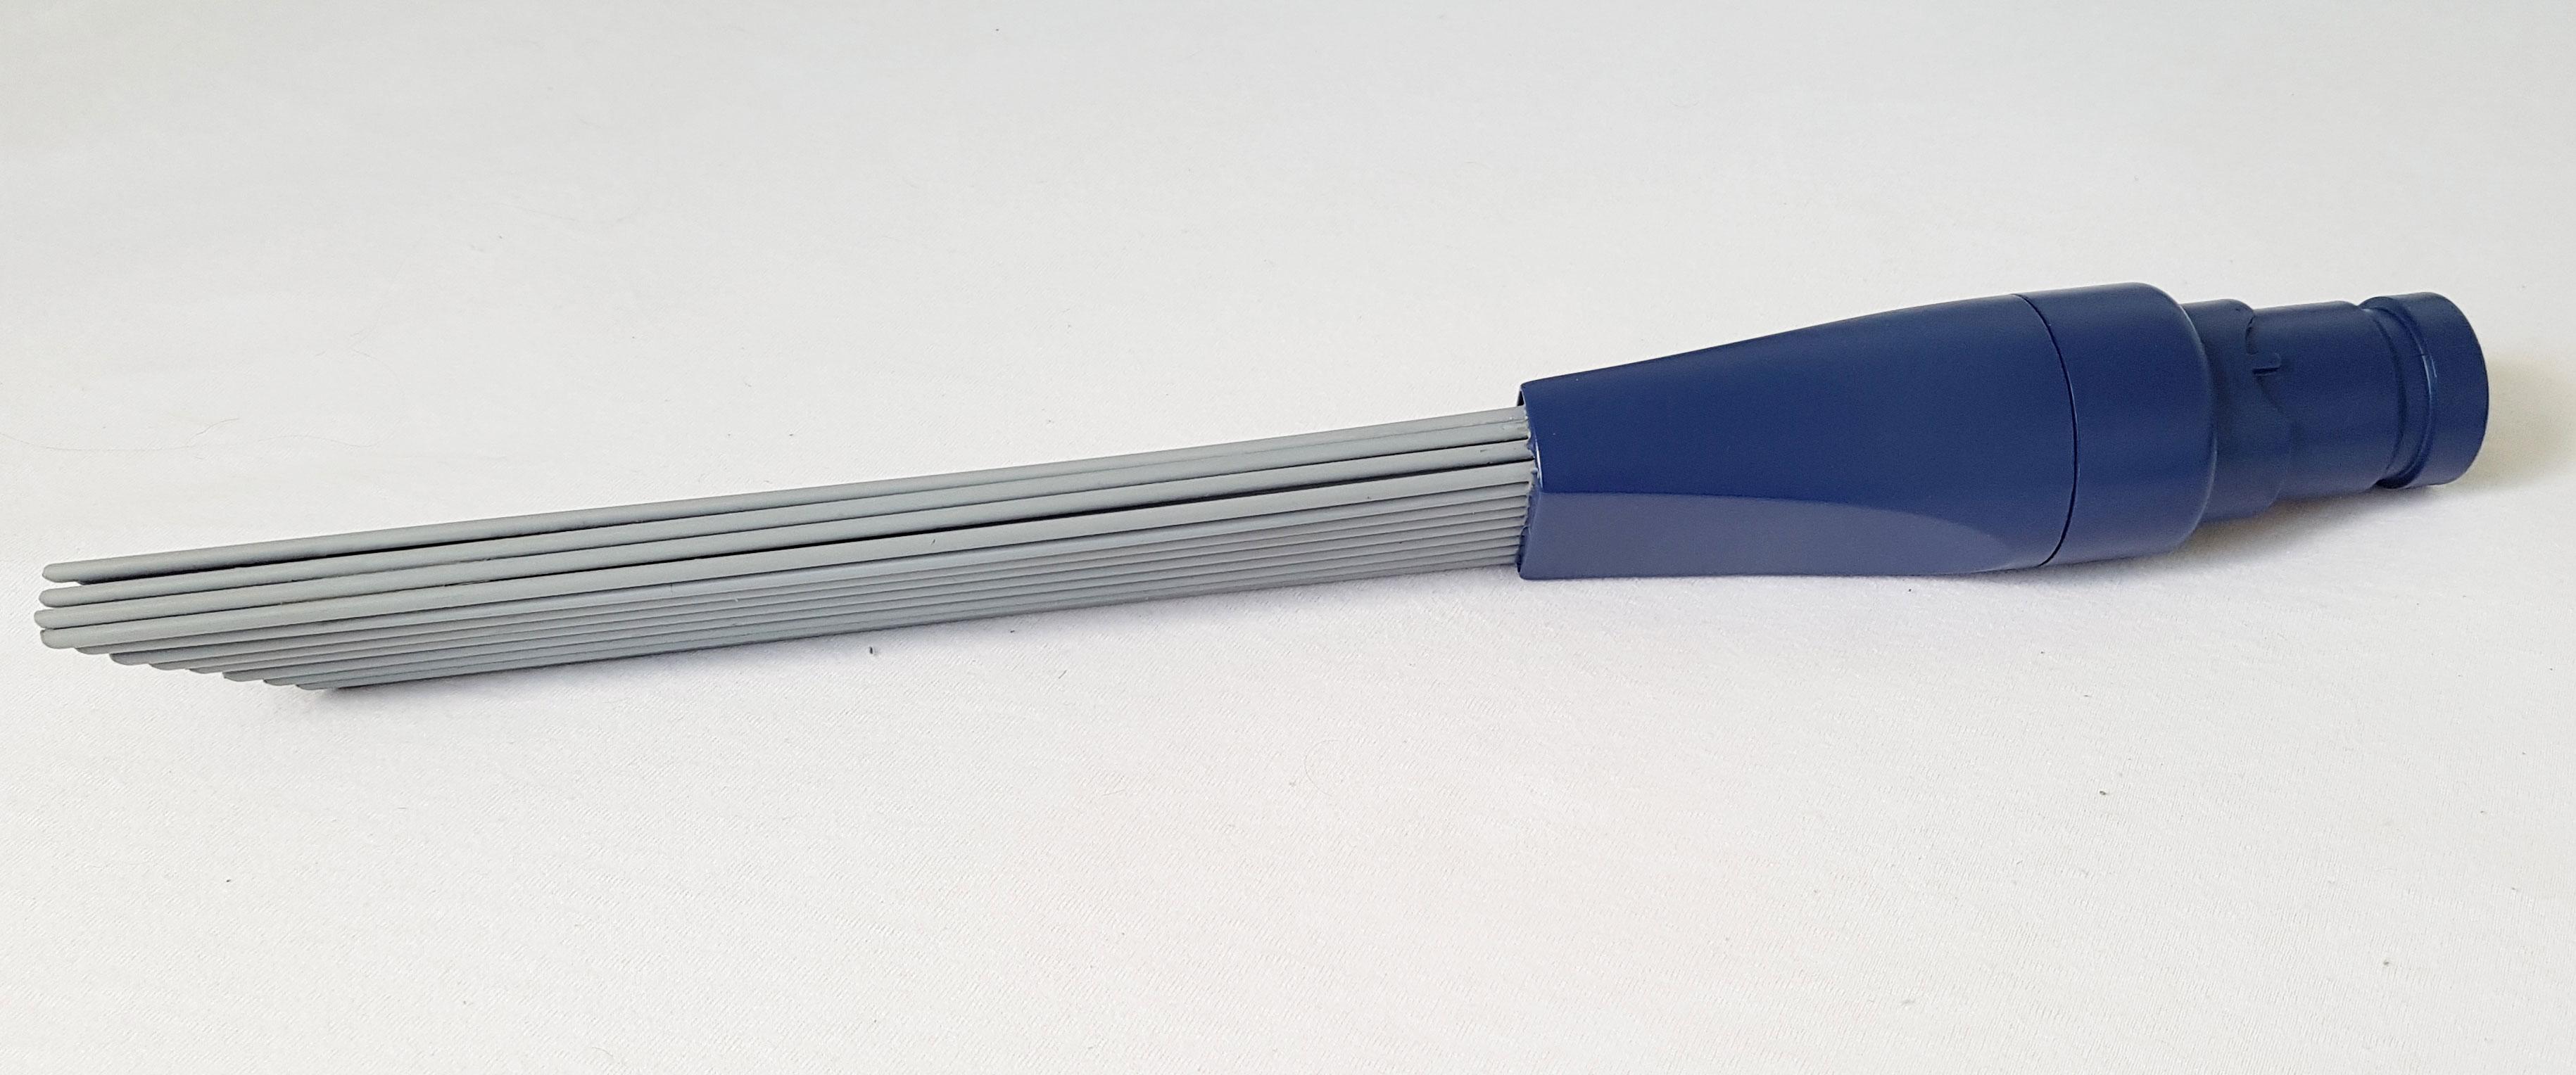 Dusty-Brush Staubsauger Adapter für Dyson V6 Staubsauger Bild 3